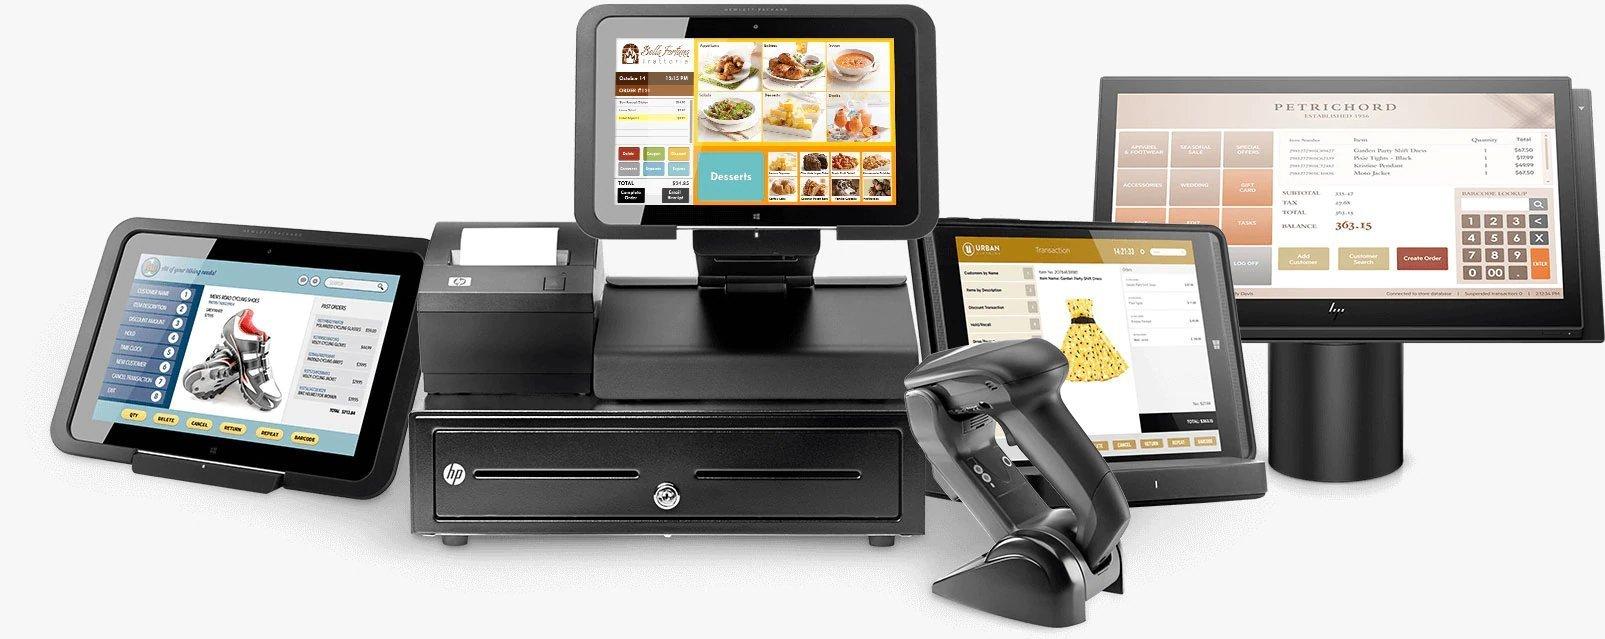 Sistema de punto de venta HP | Entusiasme a sus clientes y mejore los resultados comerciales